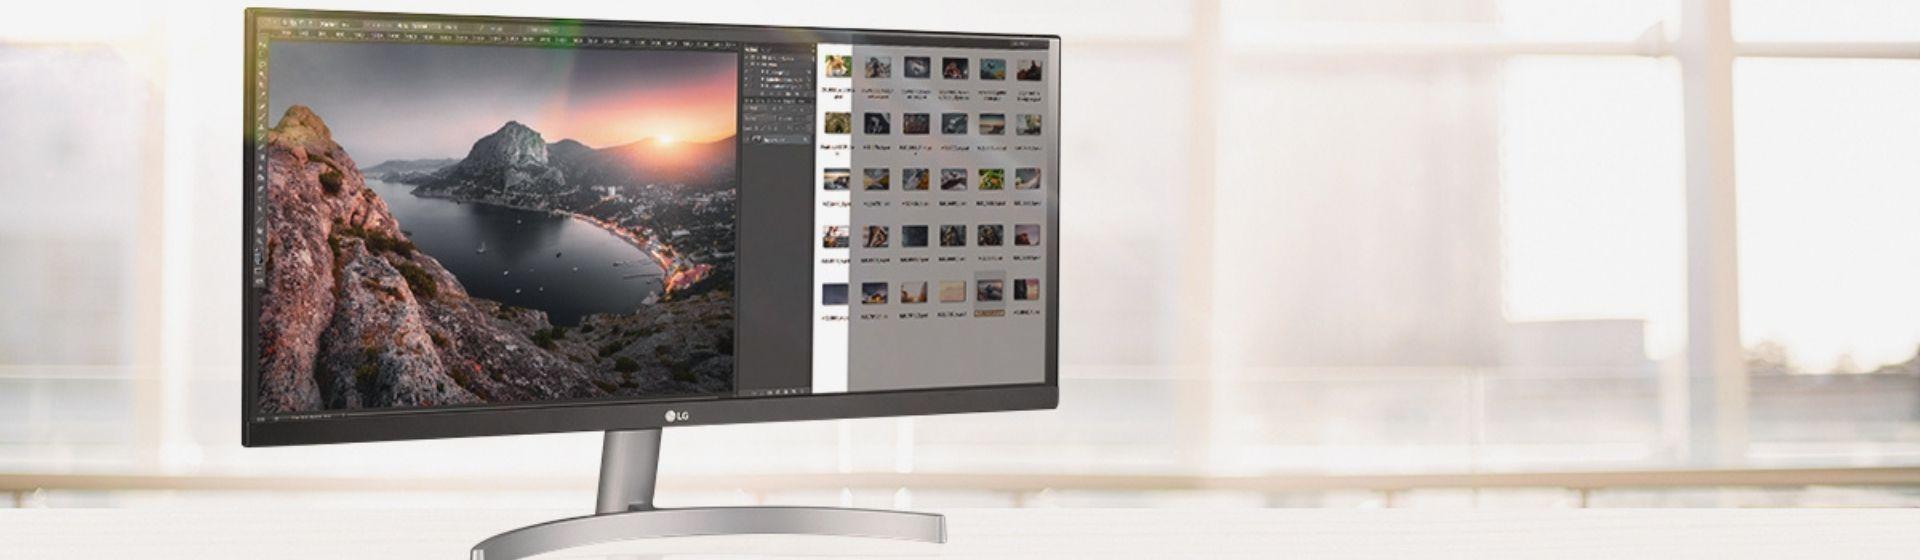 Monitor ultrawide 29 polegadas sobre uma mesa